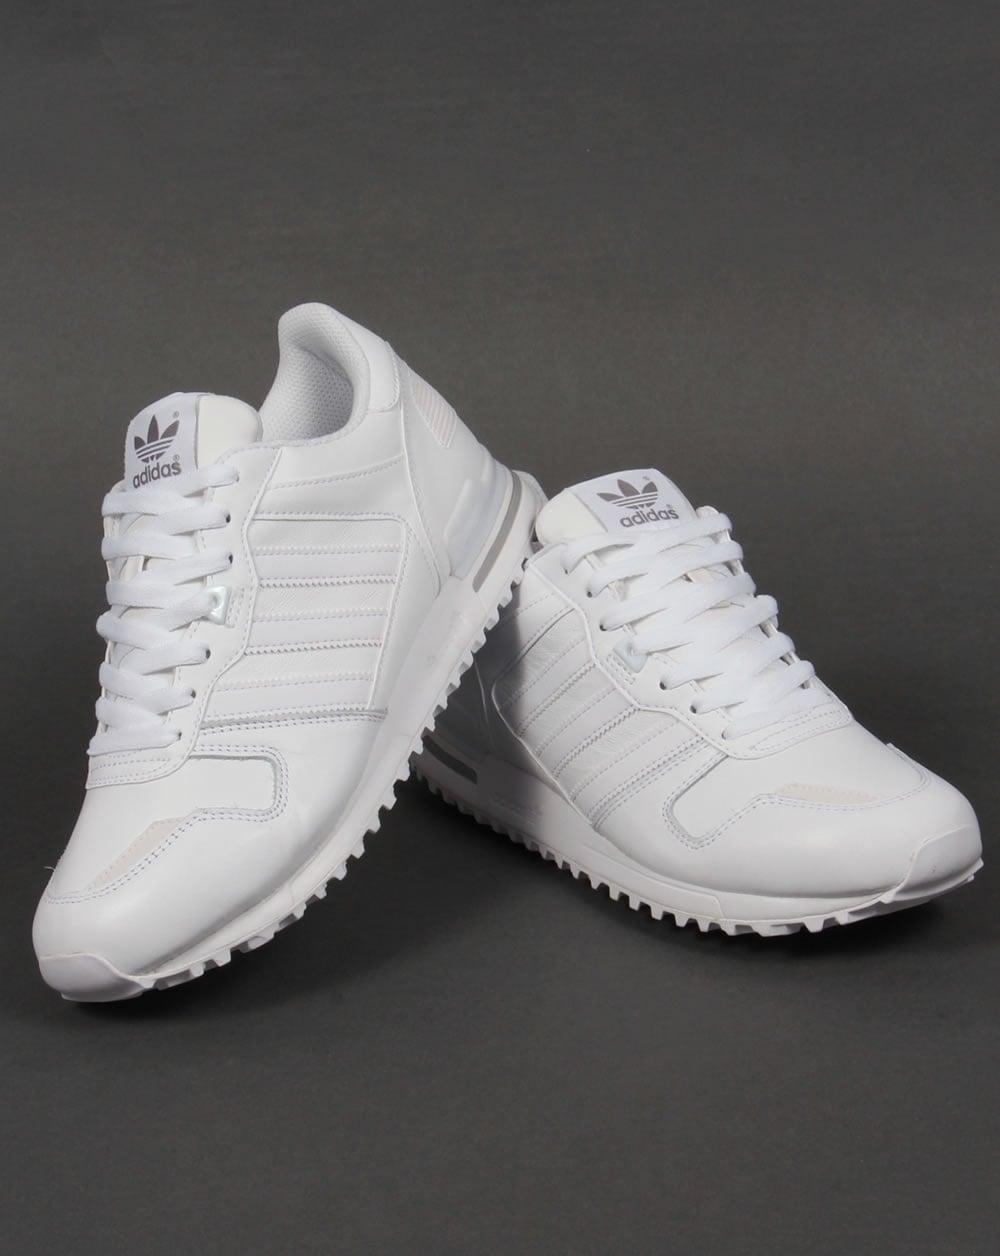 comprare a poco prezzo adidas originali zx 700 cuoio > fino a off32